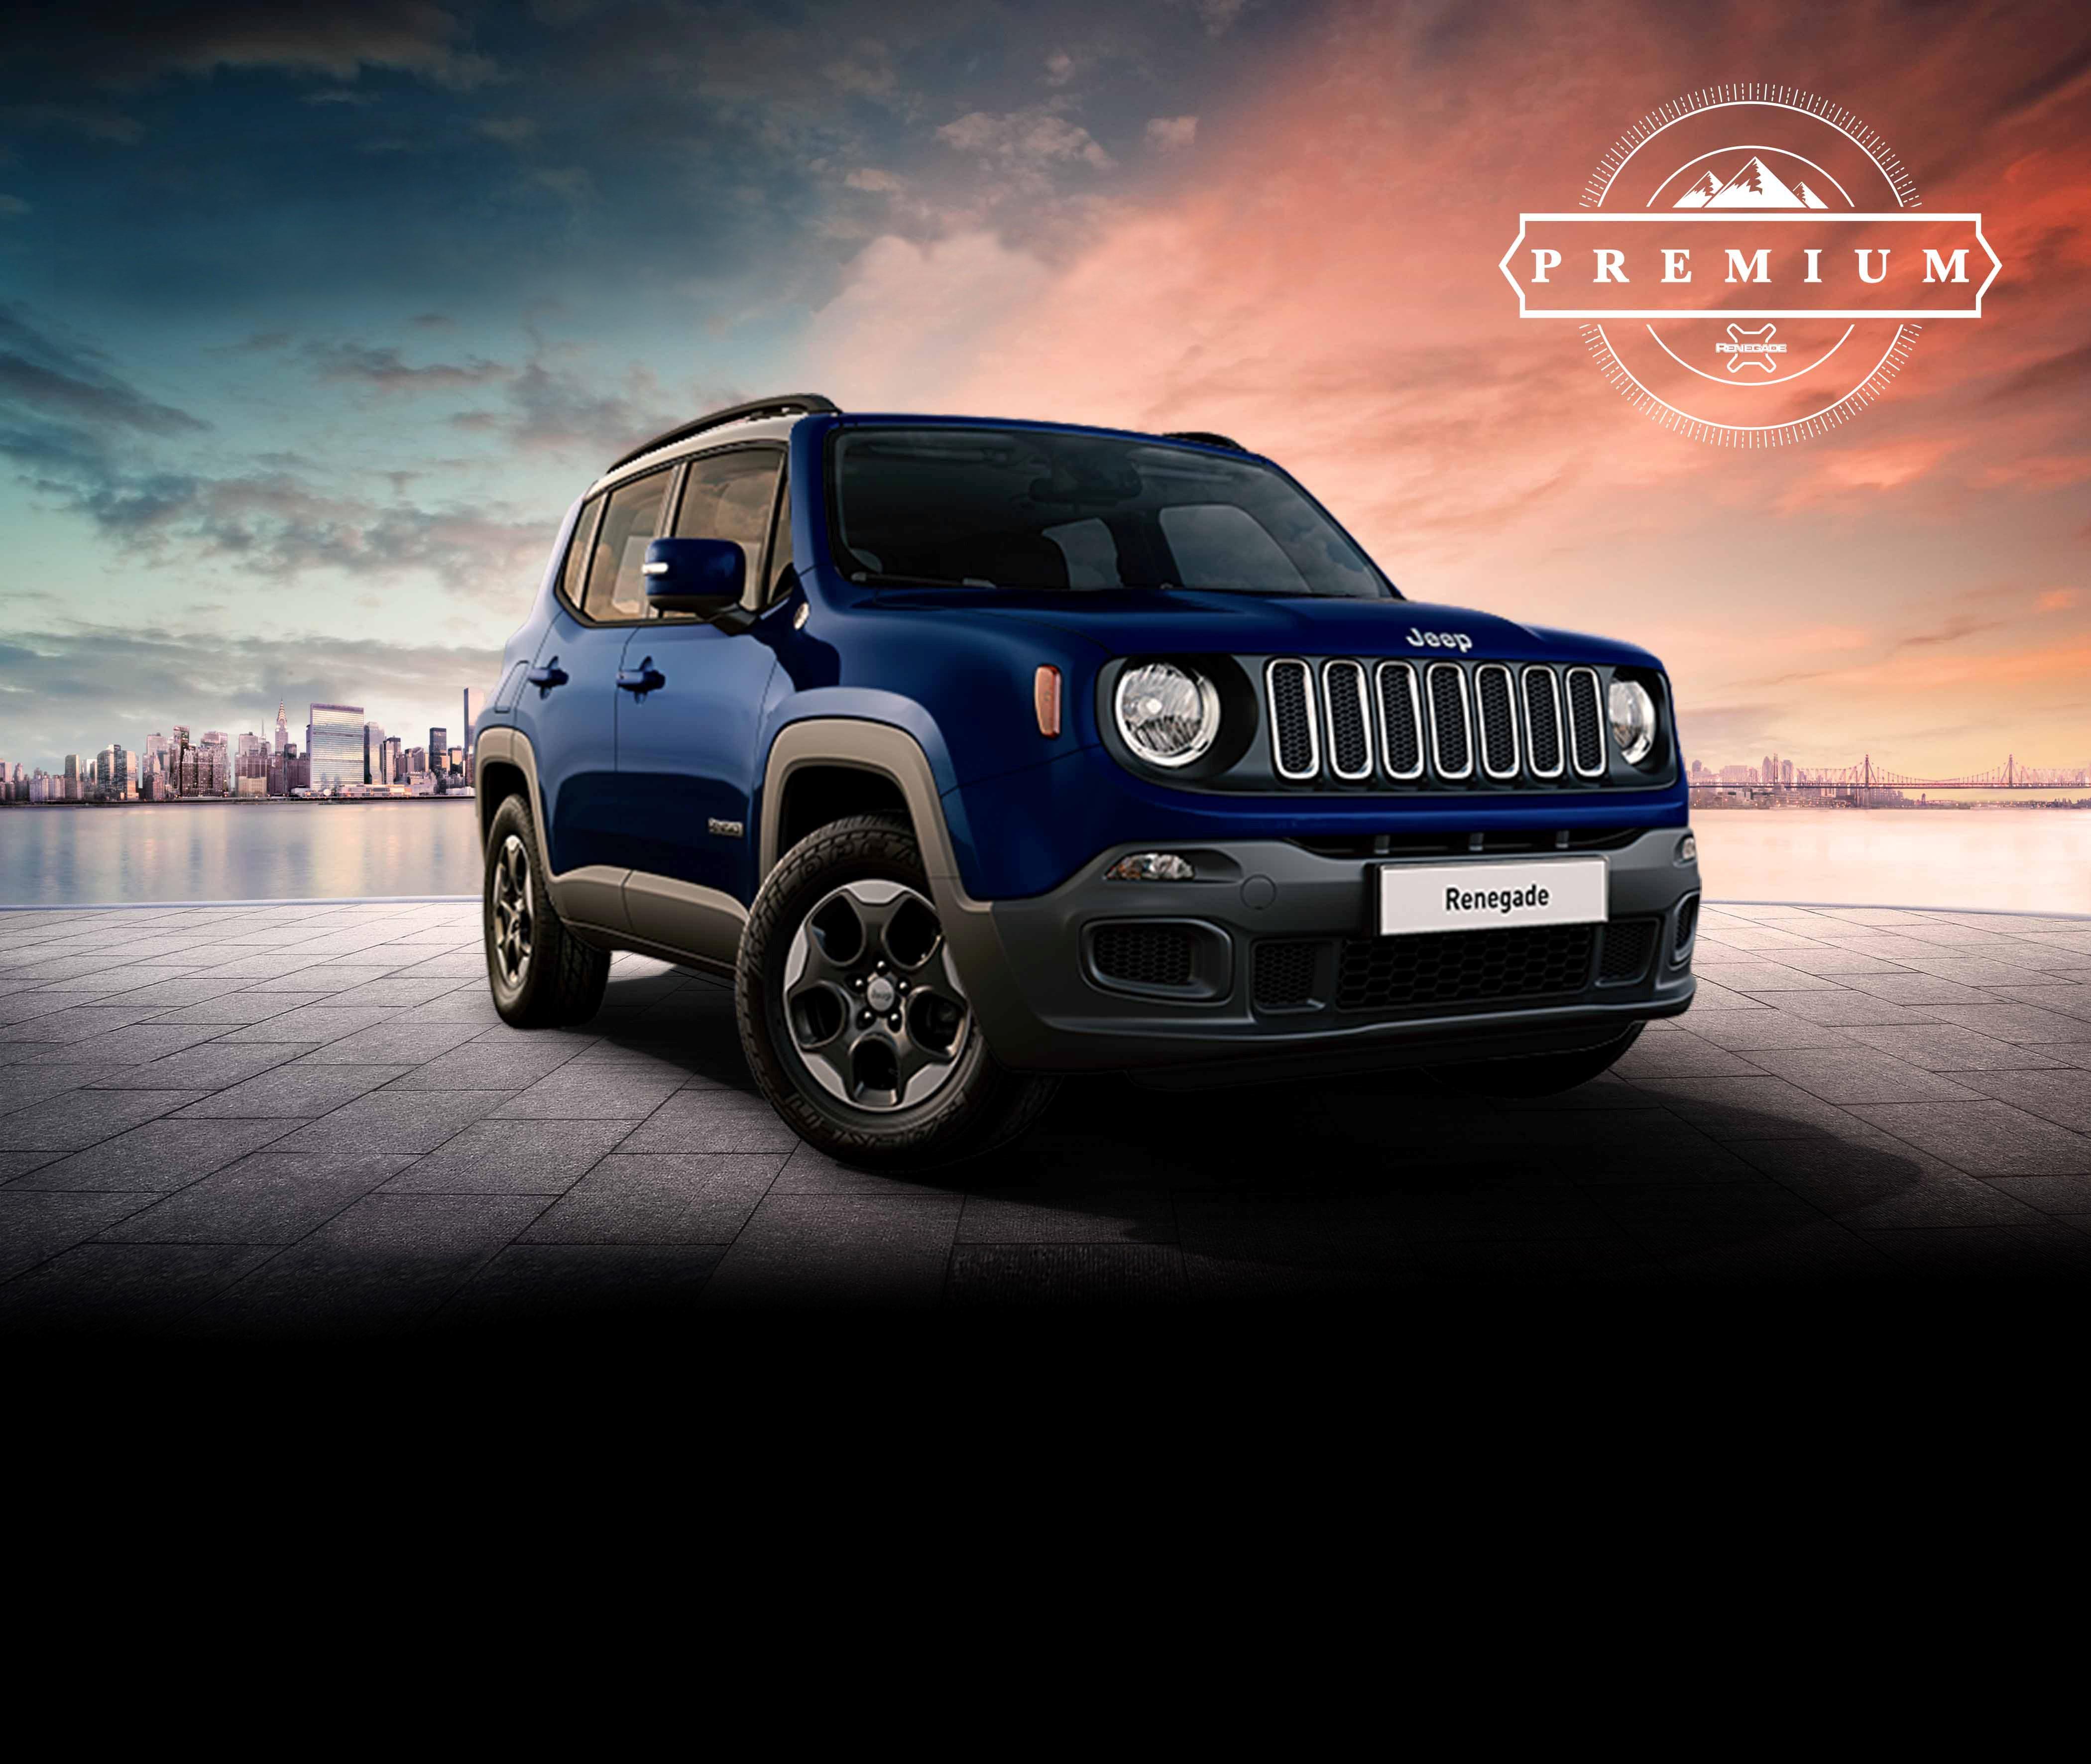 Jeep Renegade Longitude Premium Donanımı İle Satışa Sunuldu